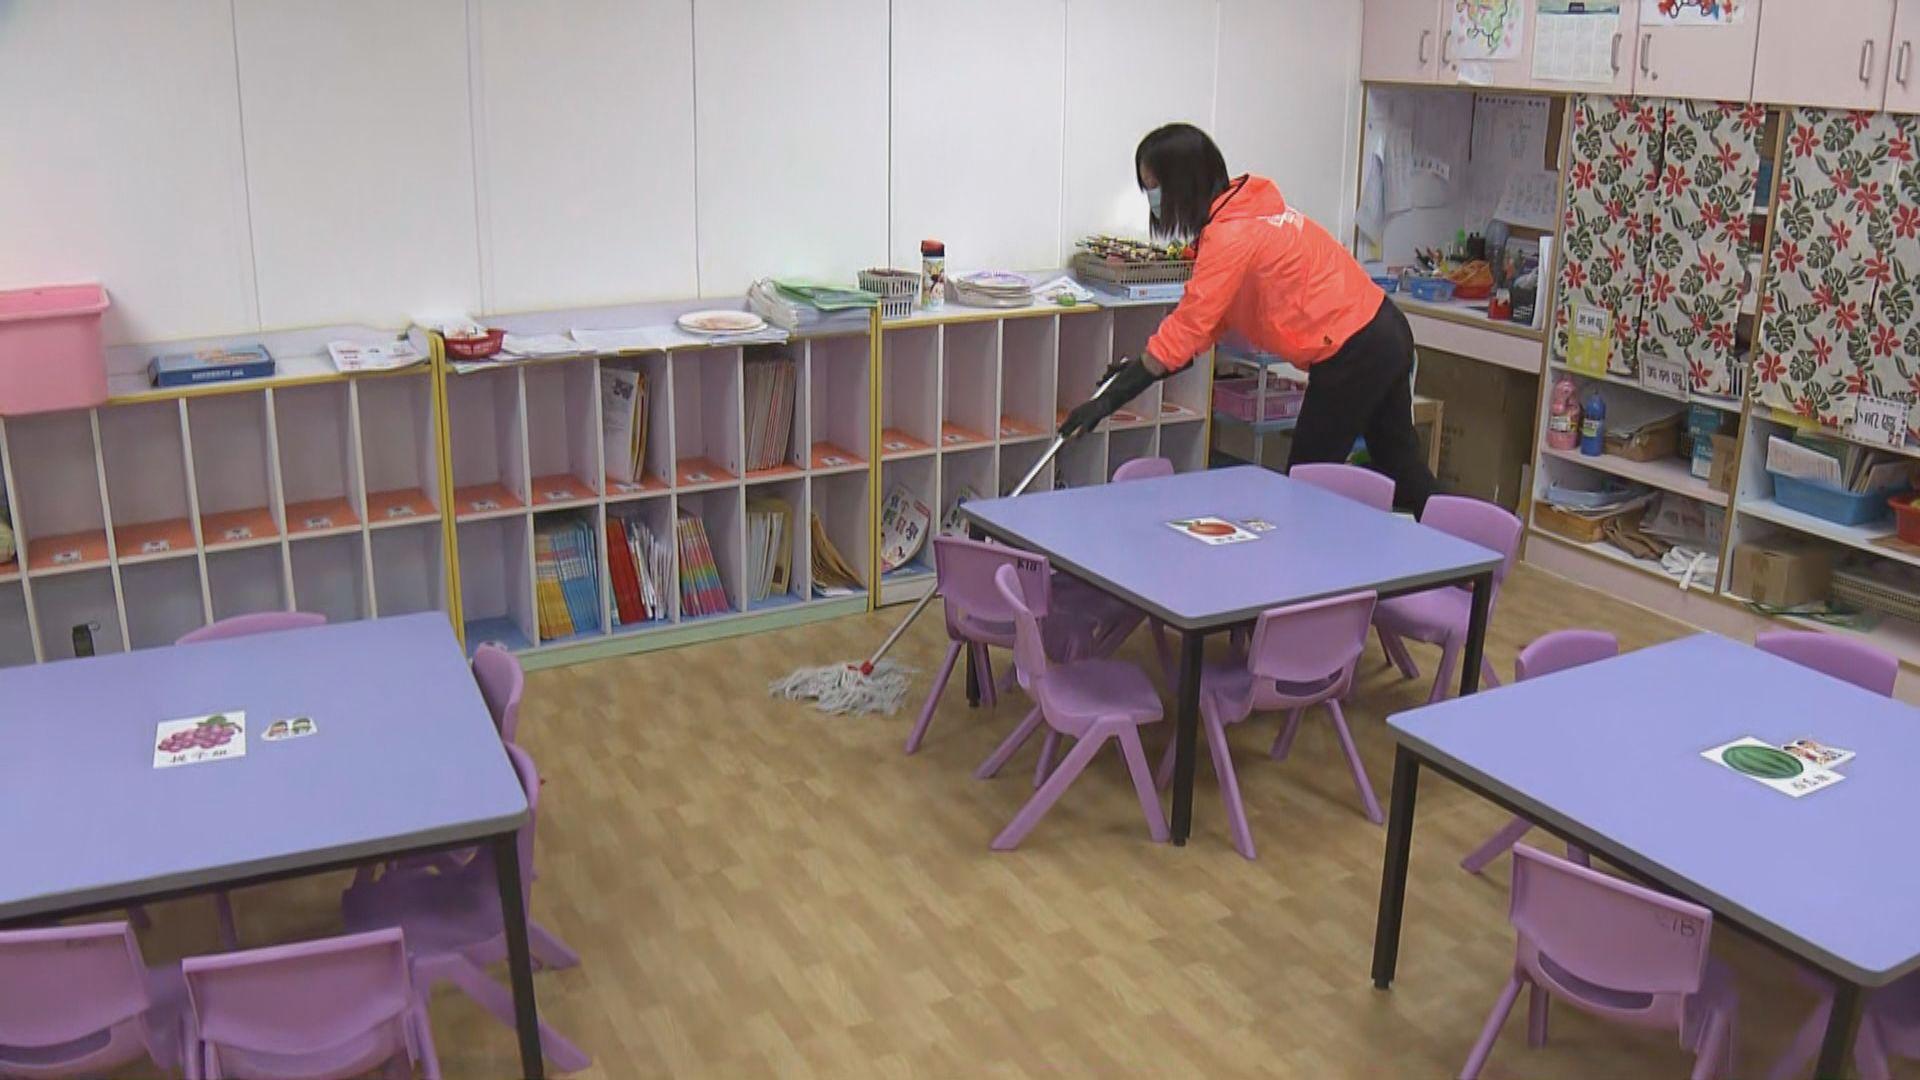 有幼稚園視乎疫情考慮提早放農曆新年假